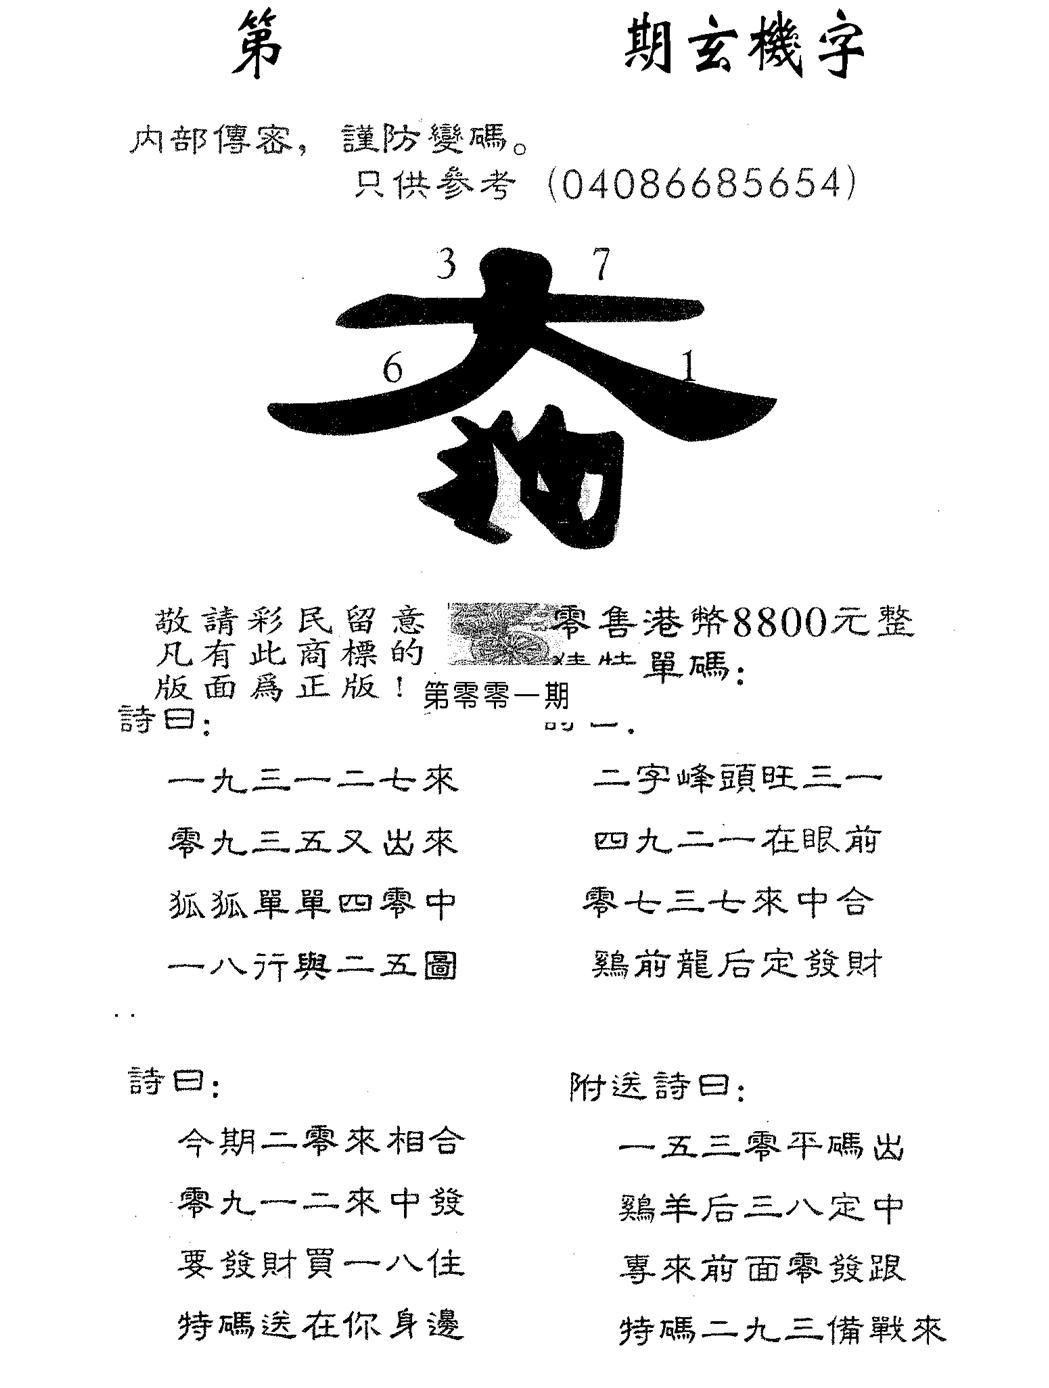 051期玄机字8800(黑白)